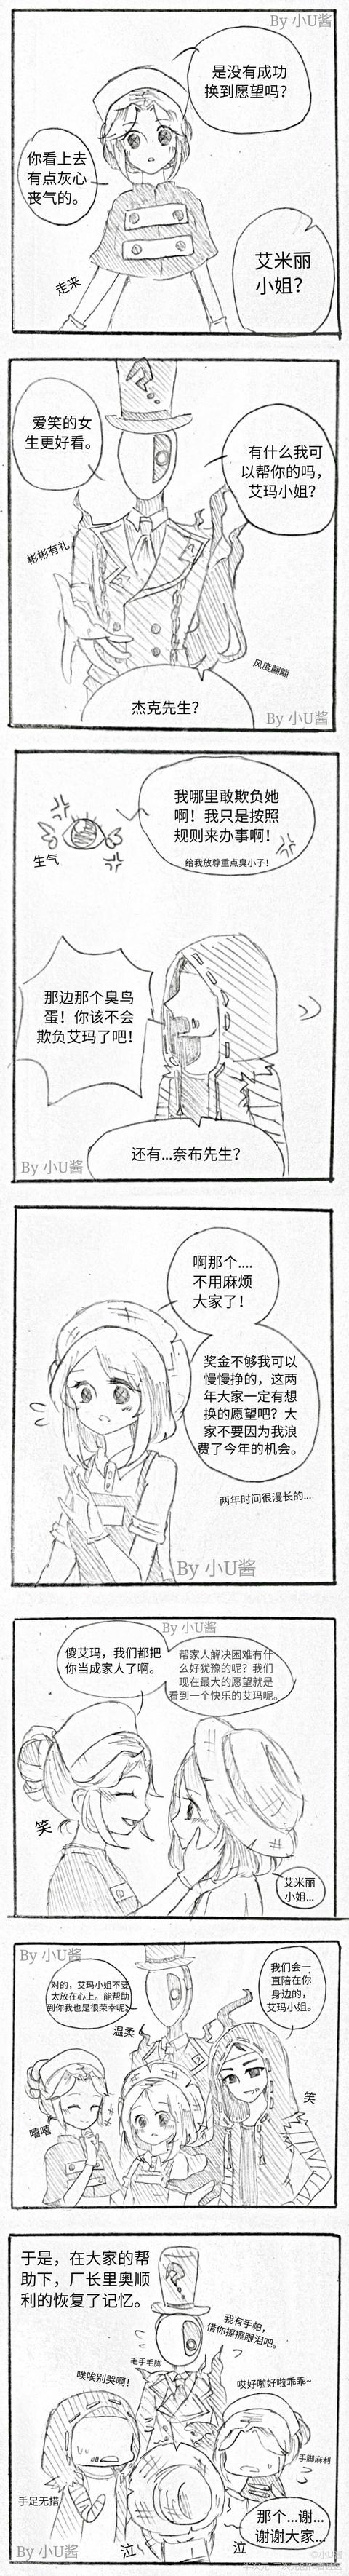 第五人格漫畫:里奧失憶了? - 每日頭條